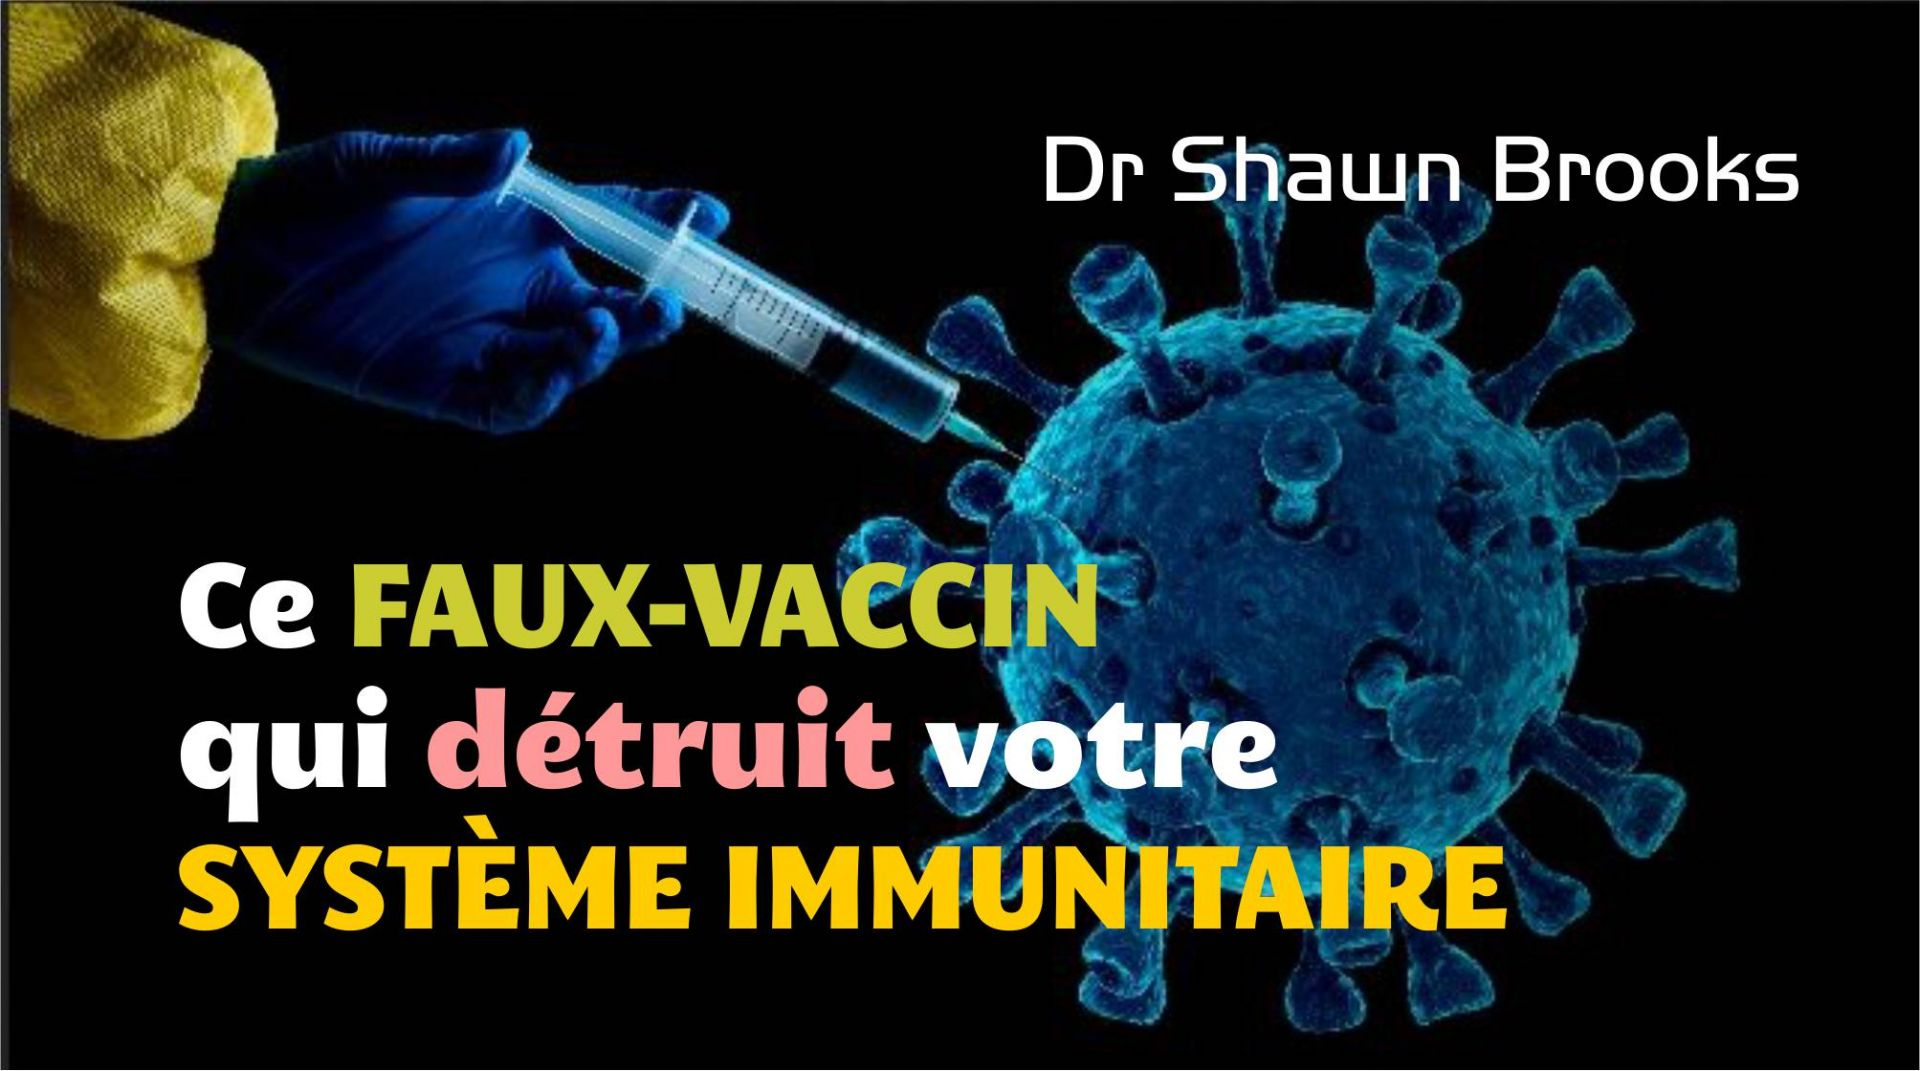 Dr Shawn Brooks: Ce faux-vaccin qui détruit le système immunitaire tue des gens. Une infirmière quitte sa fonction en dénonçant l'absurdité de la vaccination